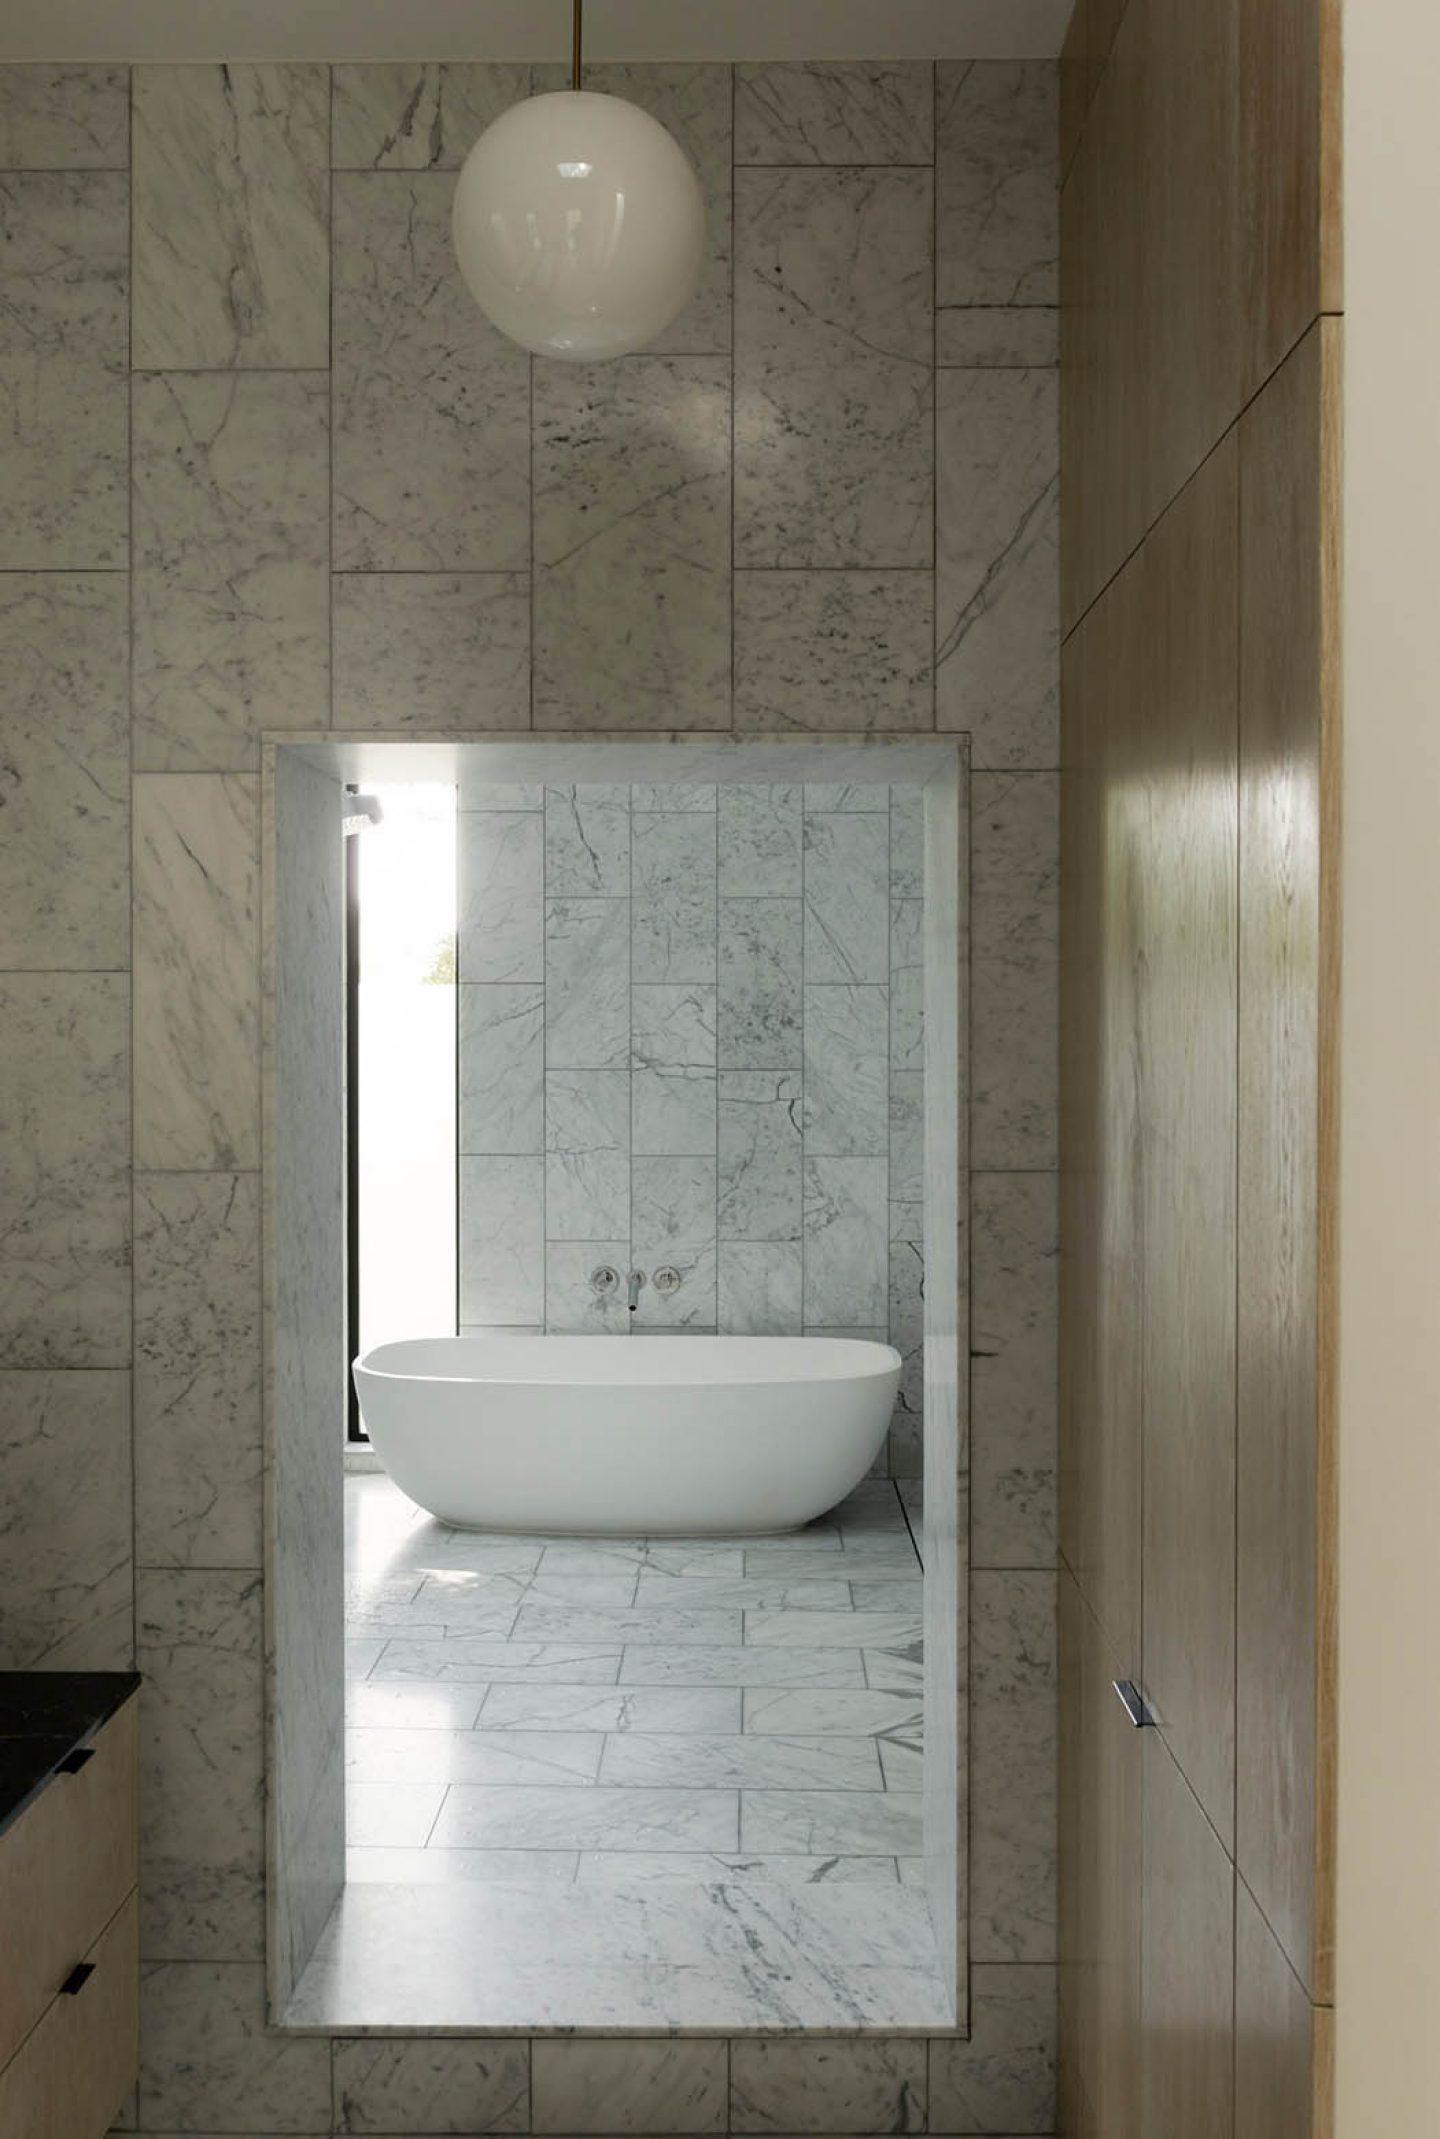 iGNANT_Architecture_Robertson_Design_Concrete_Box_House_10